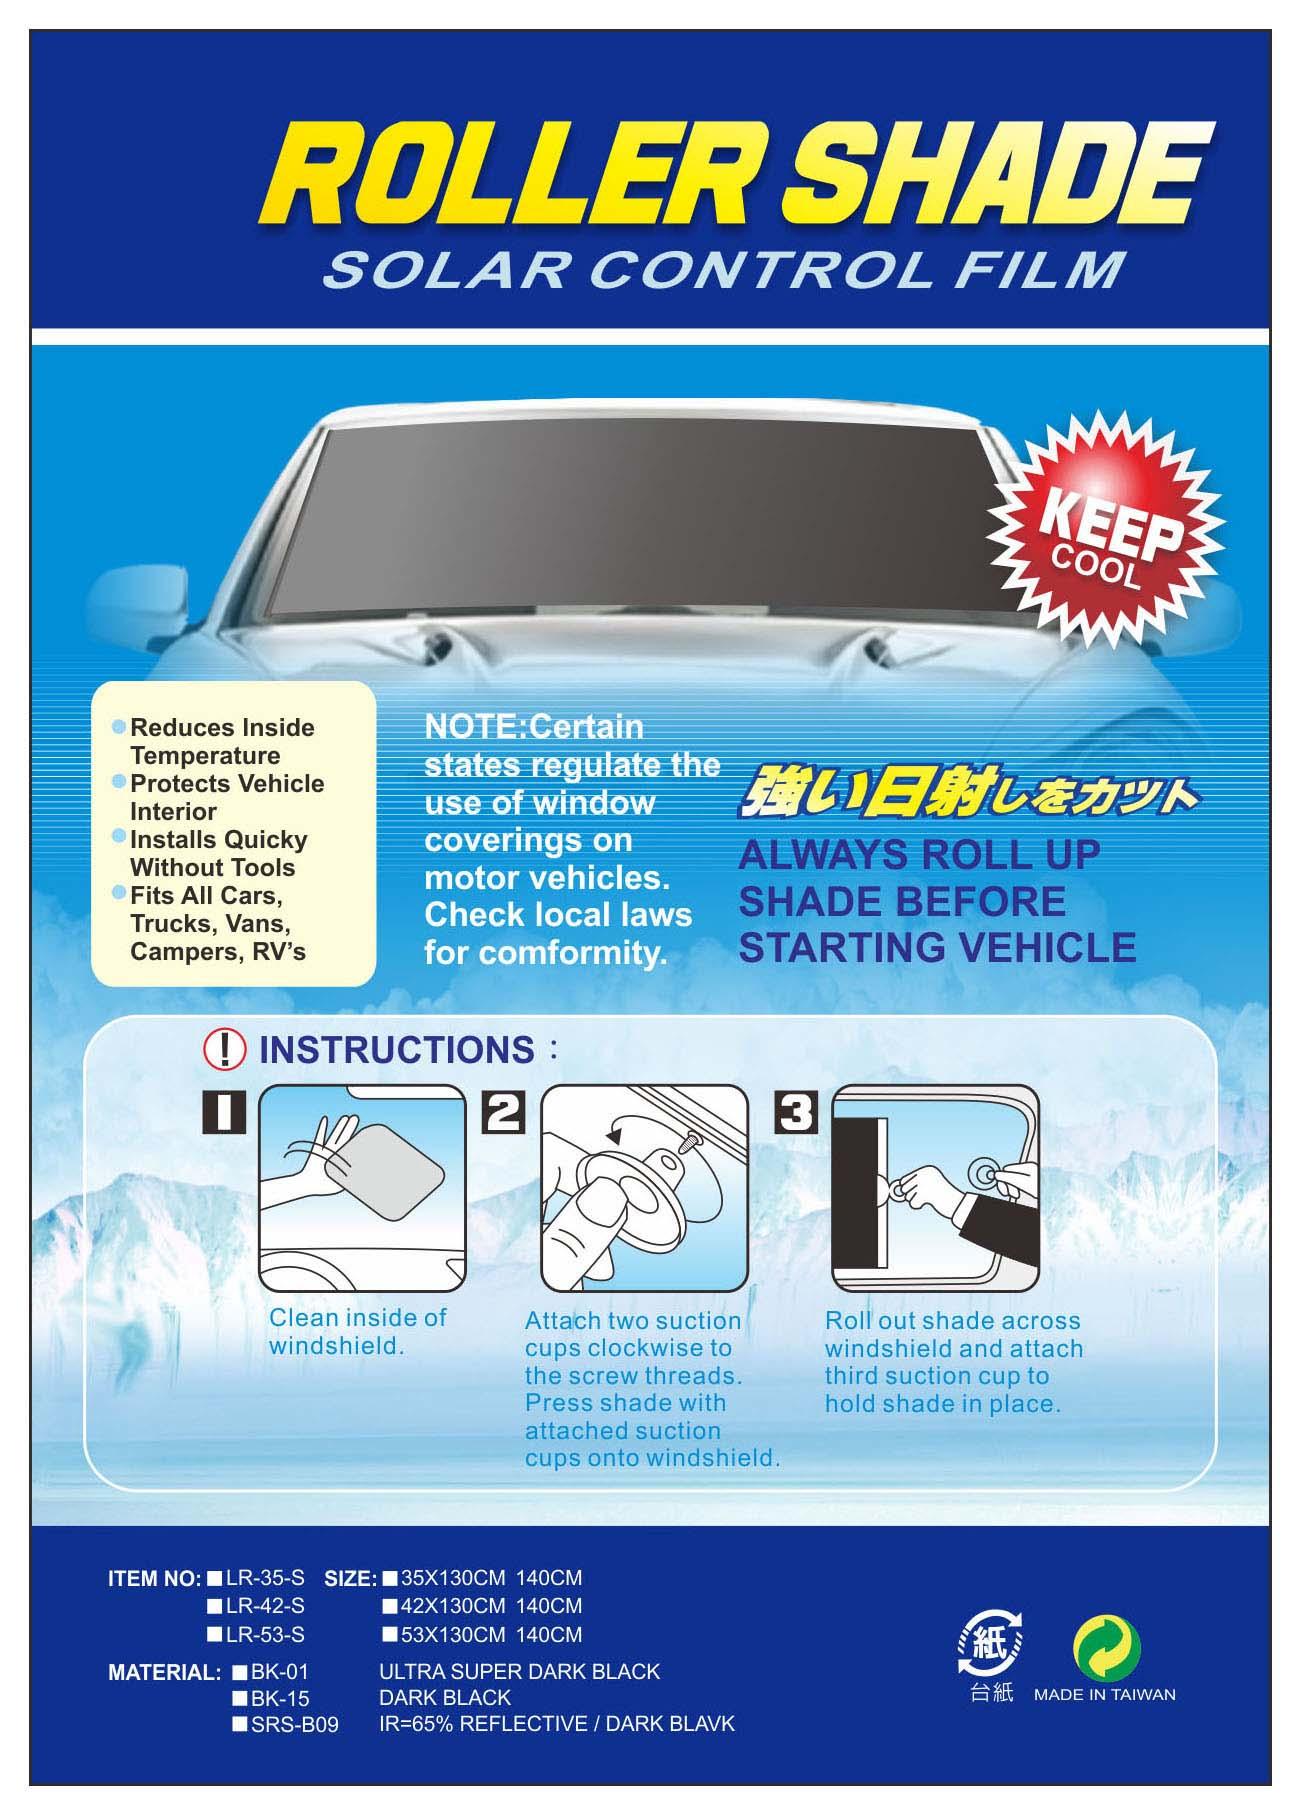 ~汽車遮陽簾~42 x 130cm 自捲-外銷 車用窗簾 車窗遮陽 汽車隔熱 ~大威寶龍~